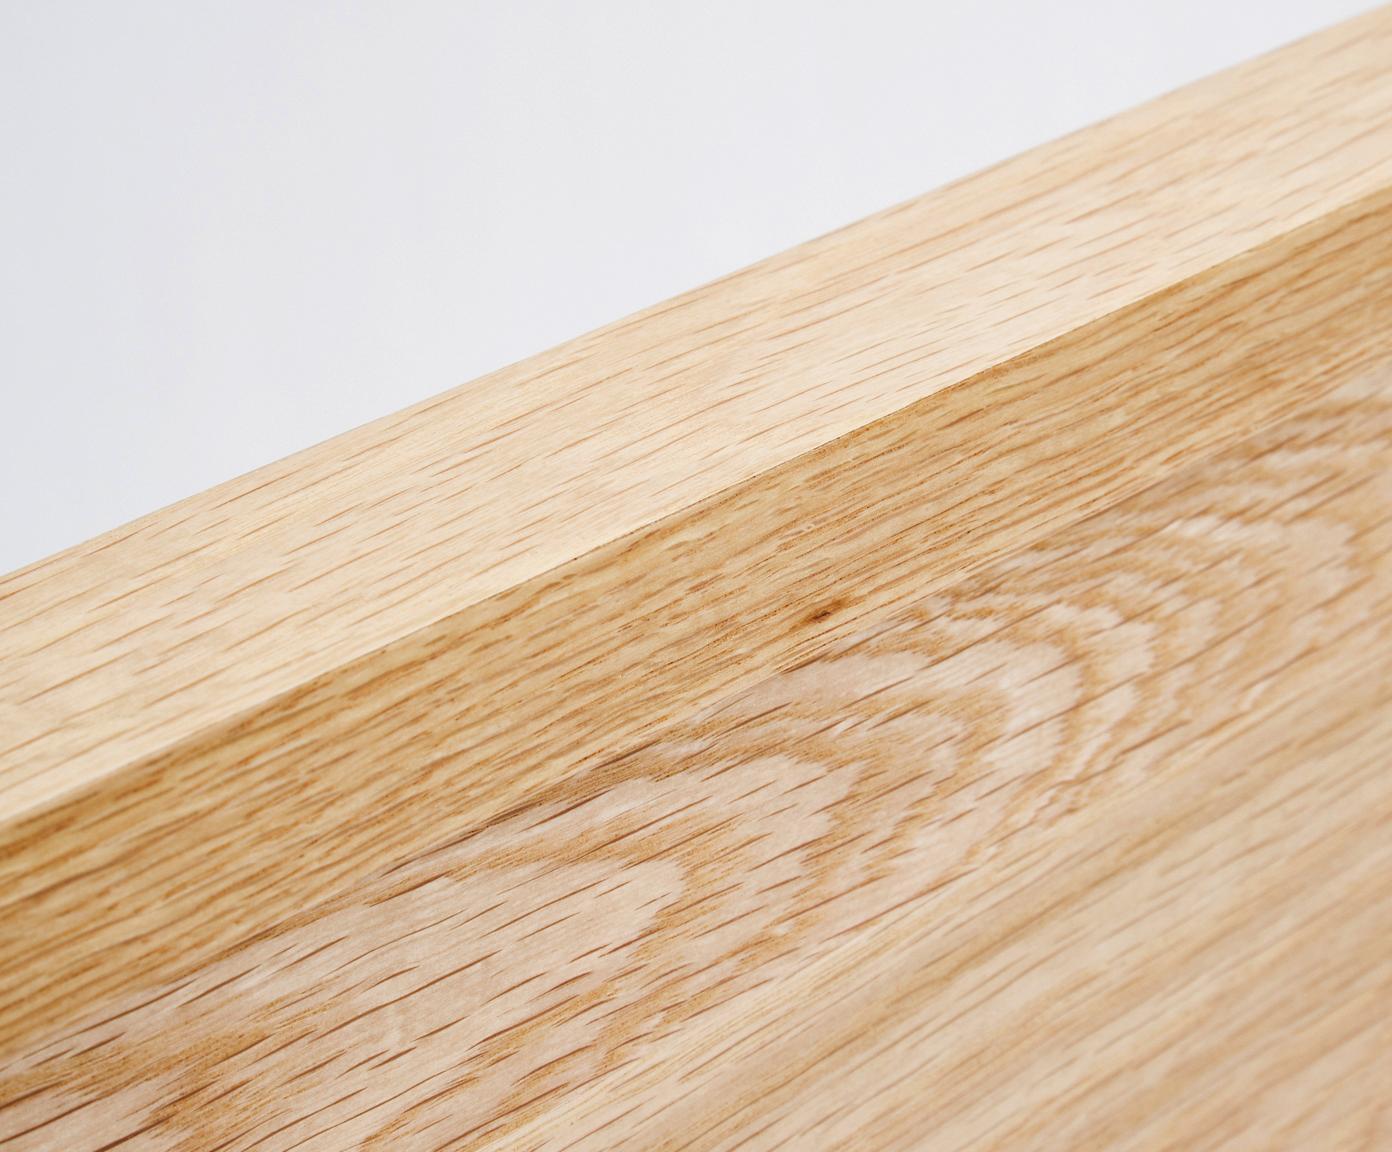 Łóżko z drewna bez zagłówka Tammy, Stelaż: sklejka z fornirem z drew, Nogi: lite drewno dębowe, Drewno dębowe, 180 x 200 cm